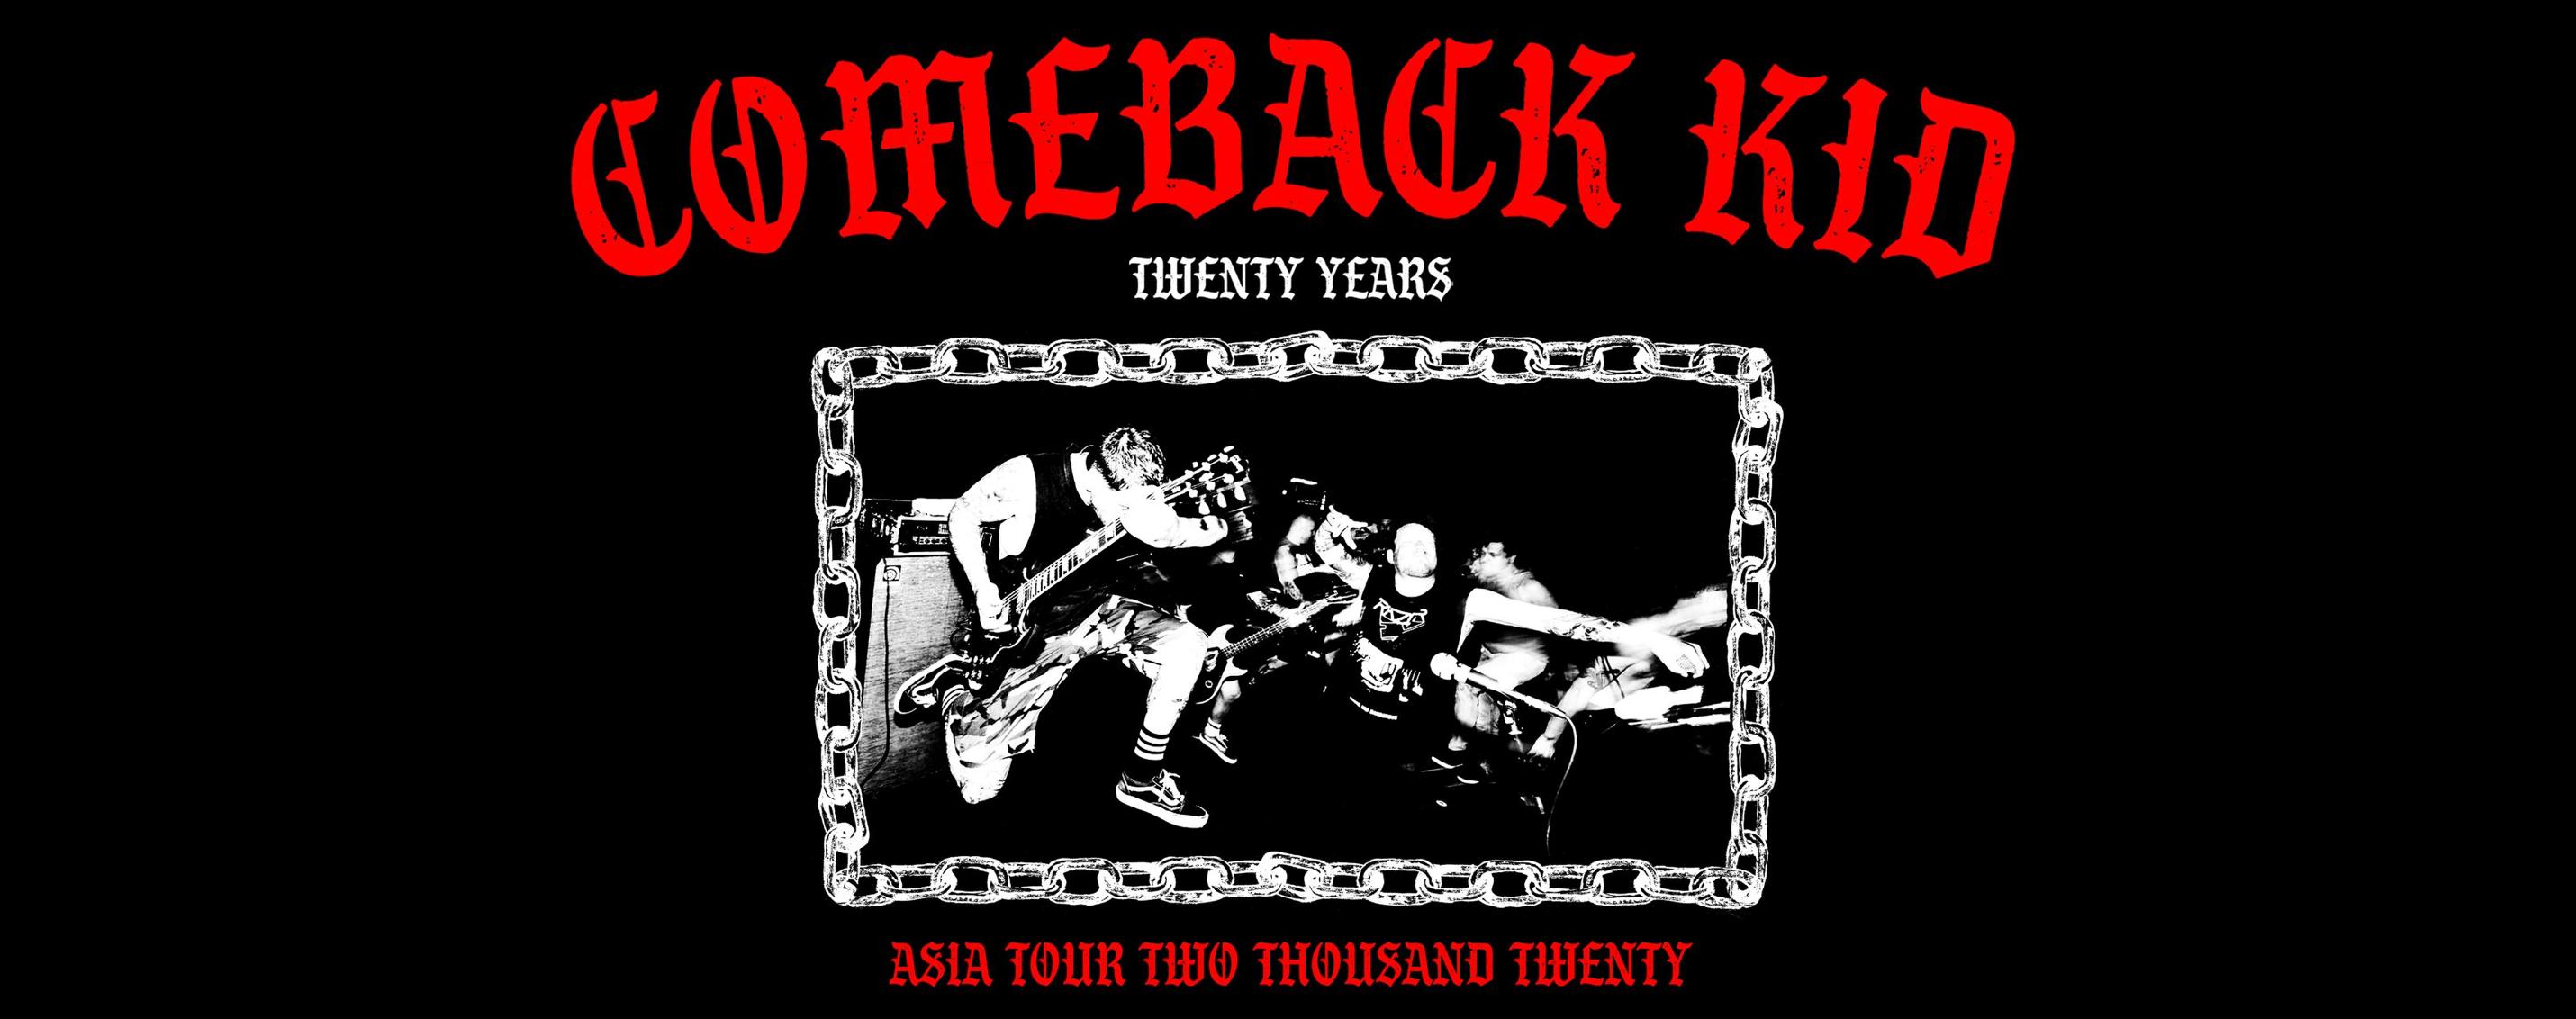 Comeback Kid Live In Singapore